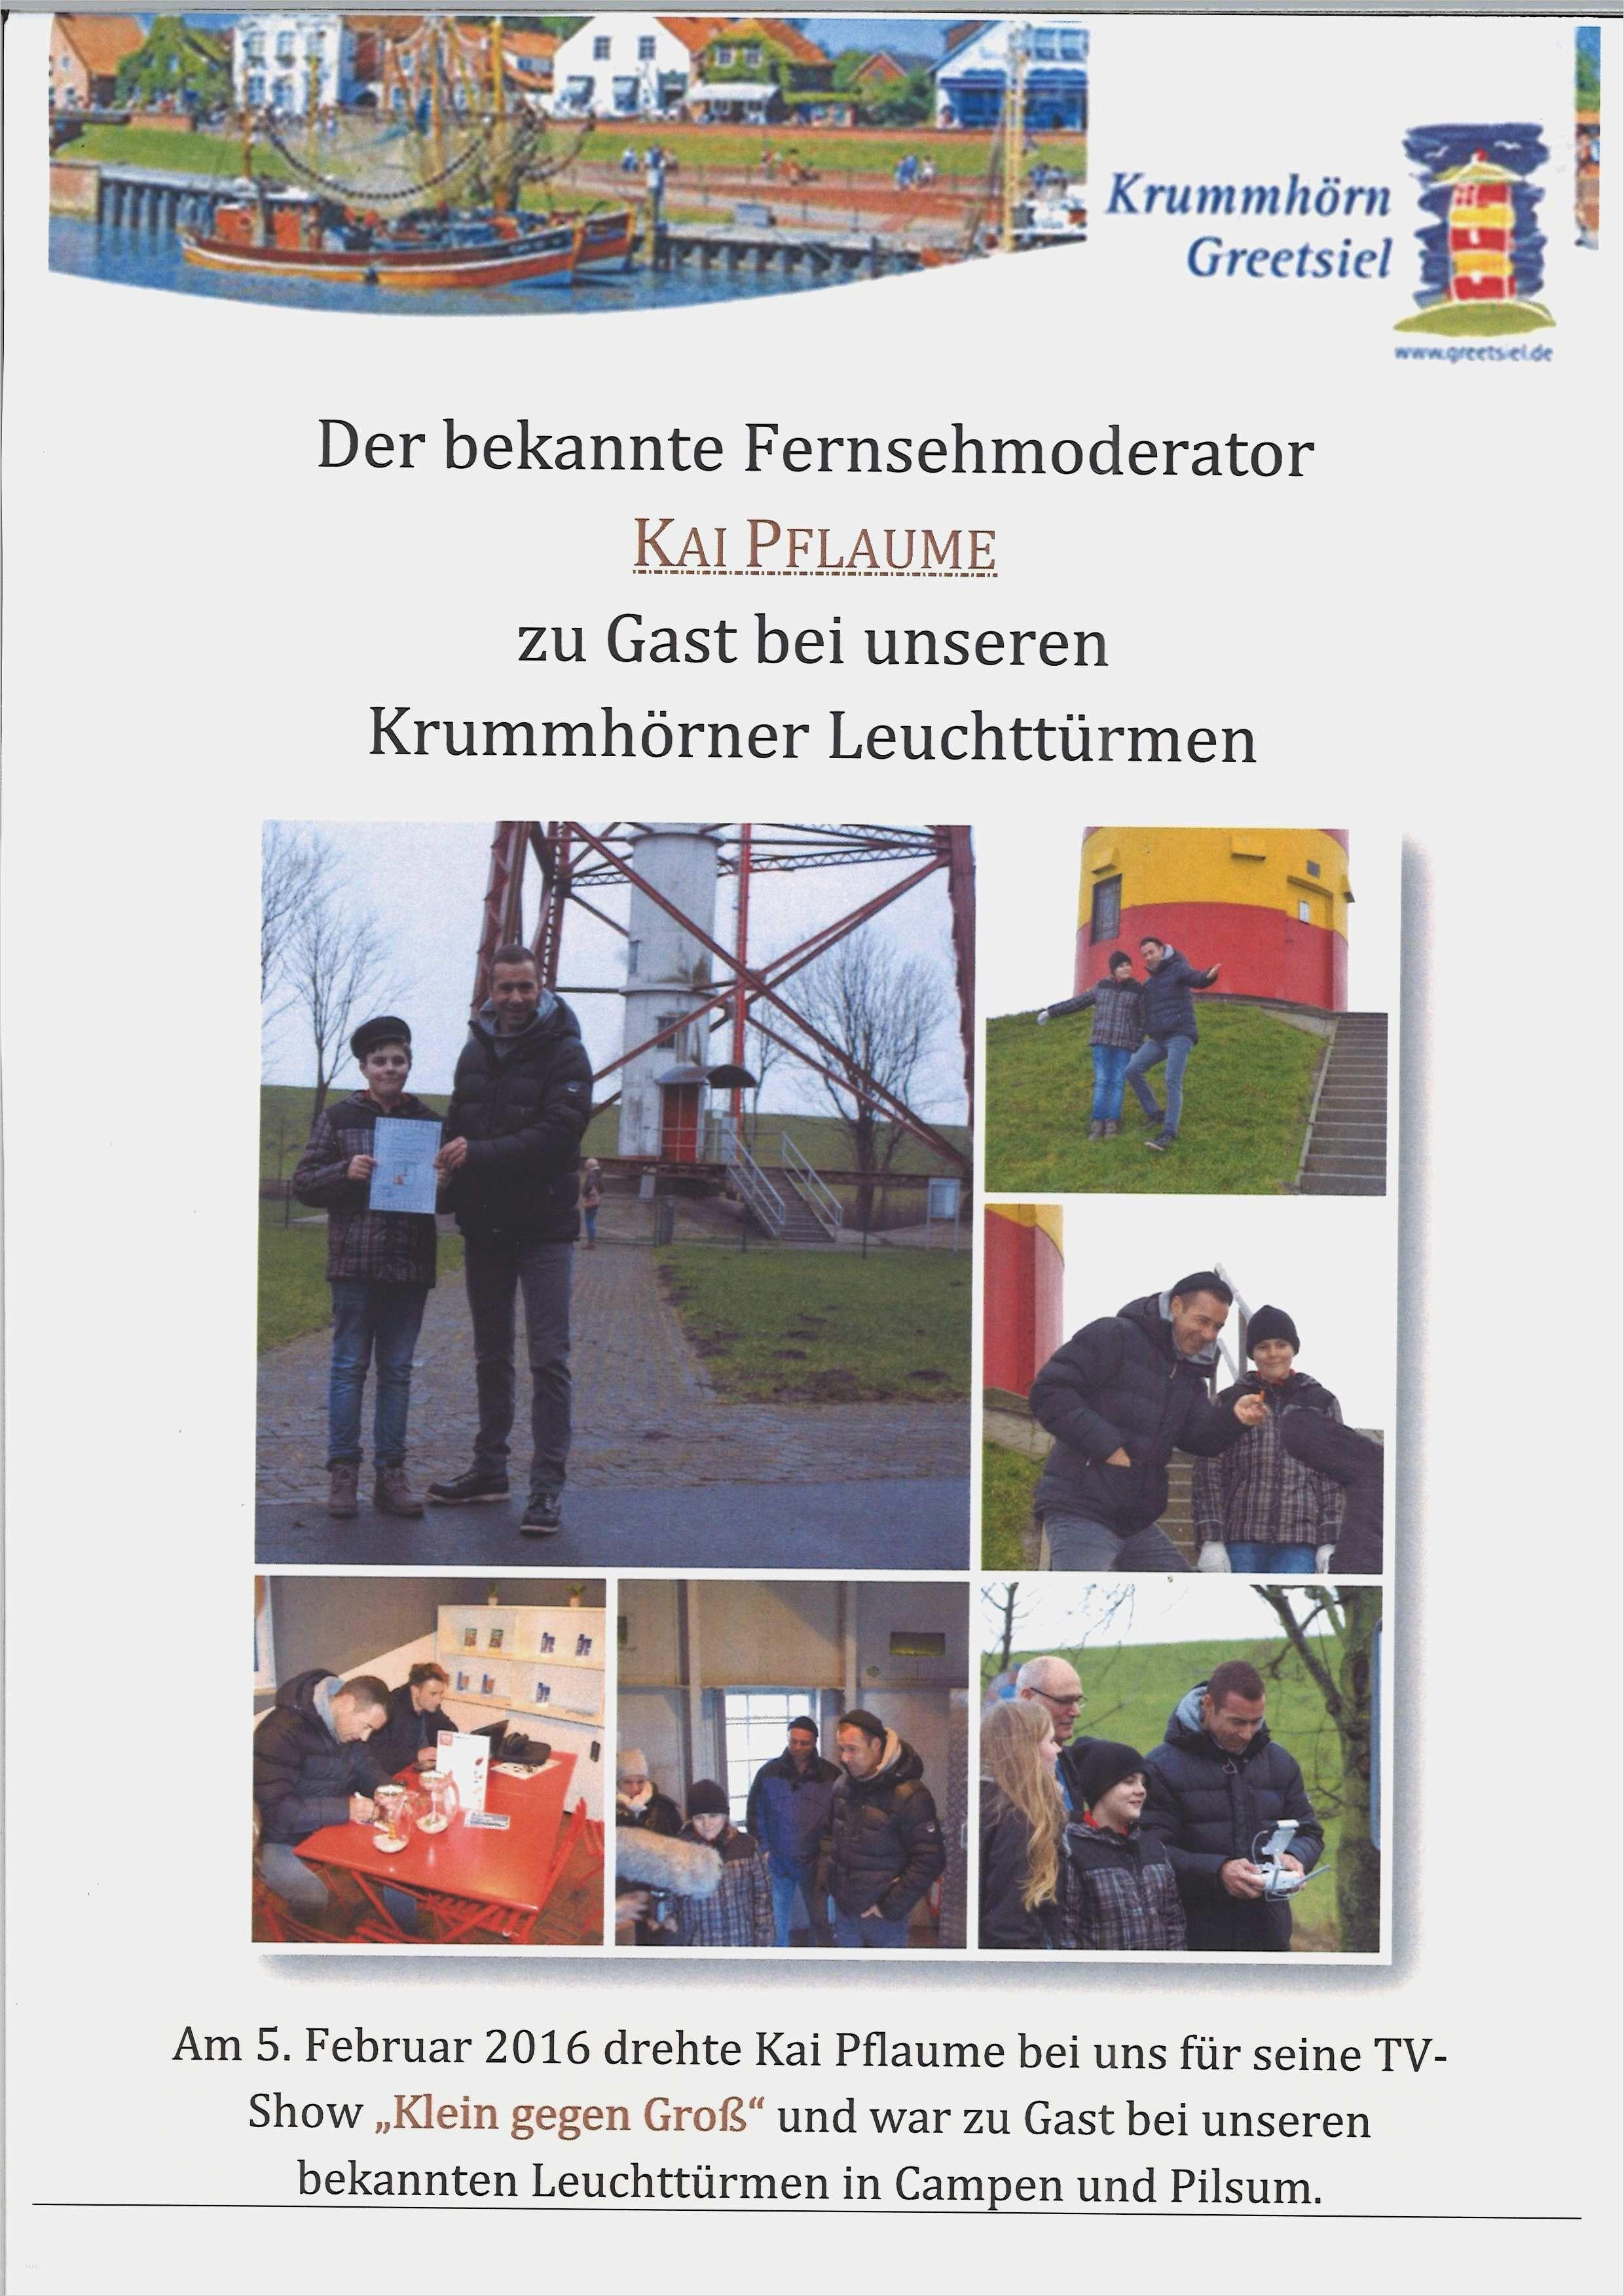 25 Erstaunlich Kinderflohmarkt Plakat Vorlage Modelle In 2020 Vorlagen Kinderflohmarkt Plakat